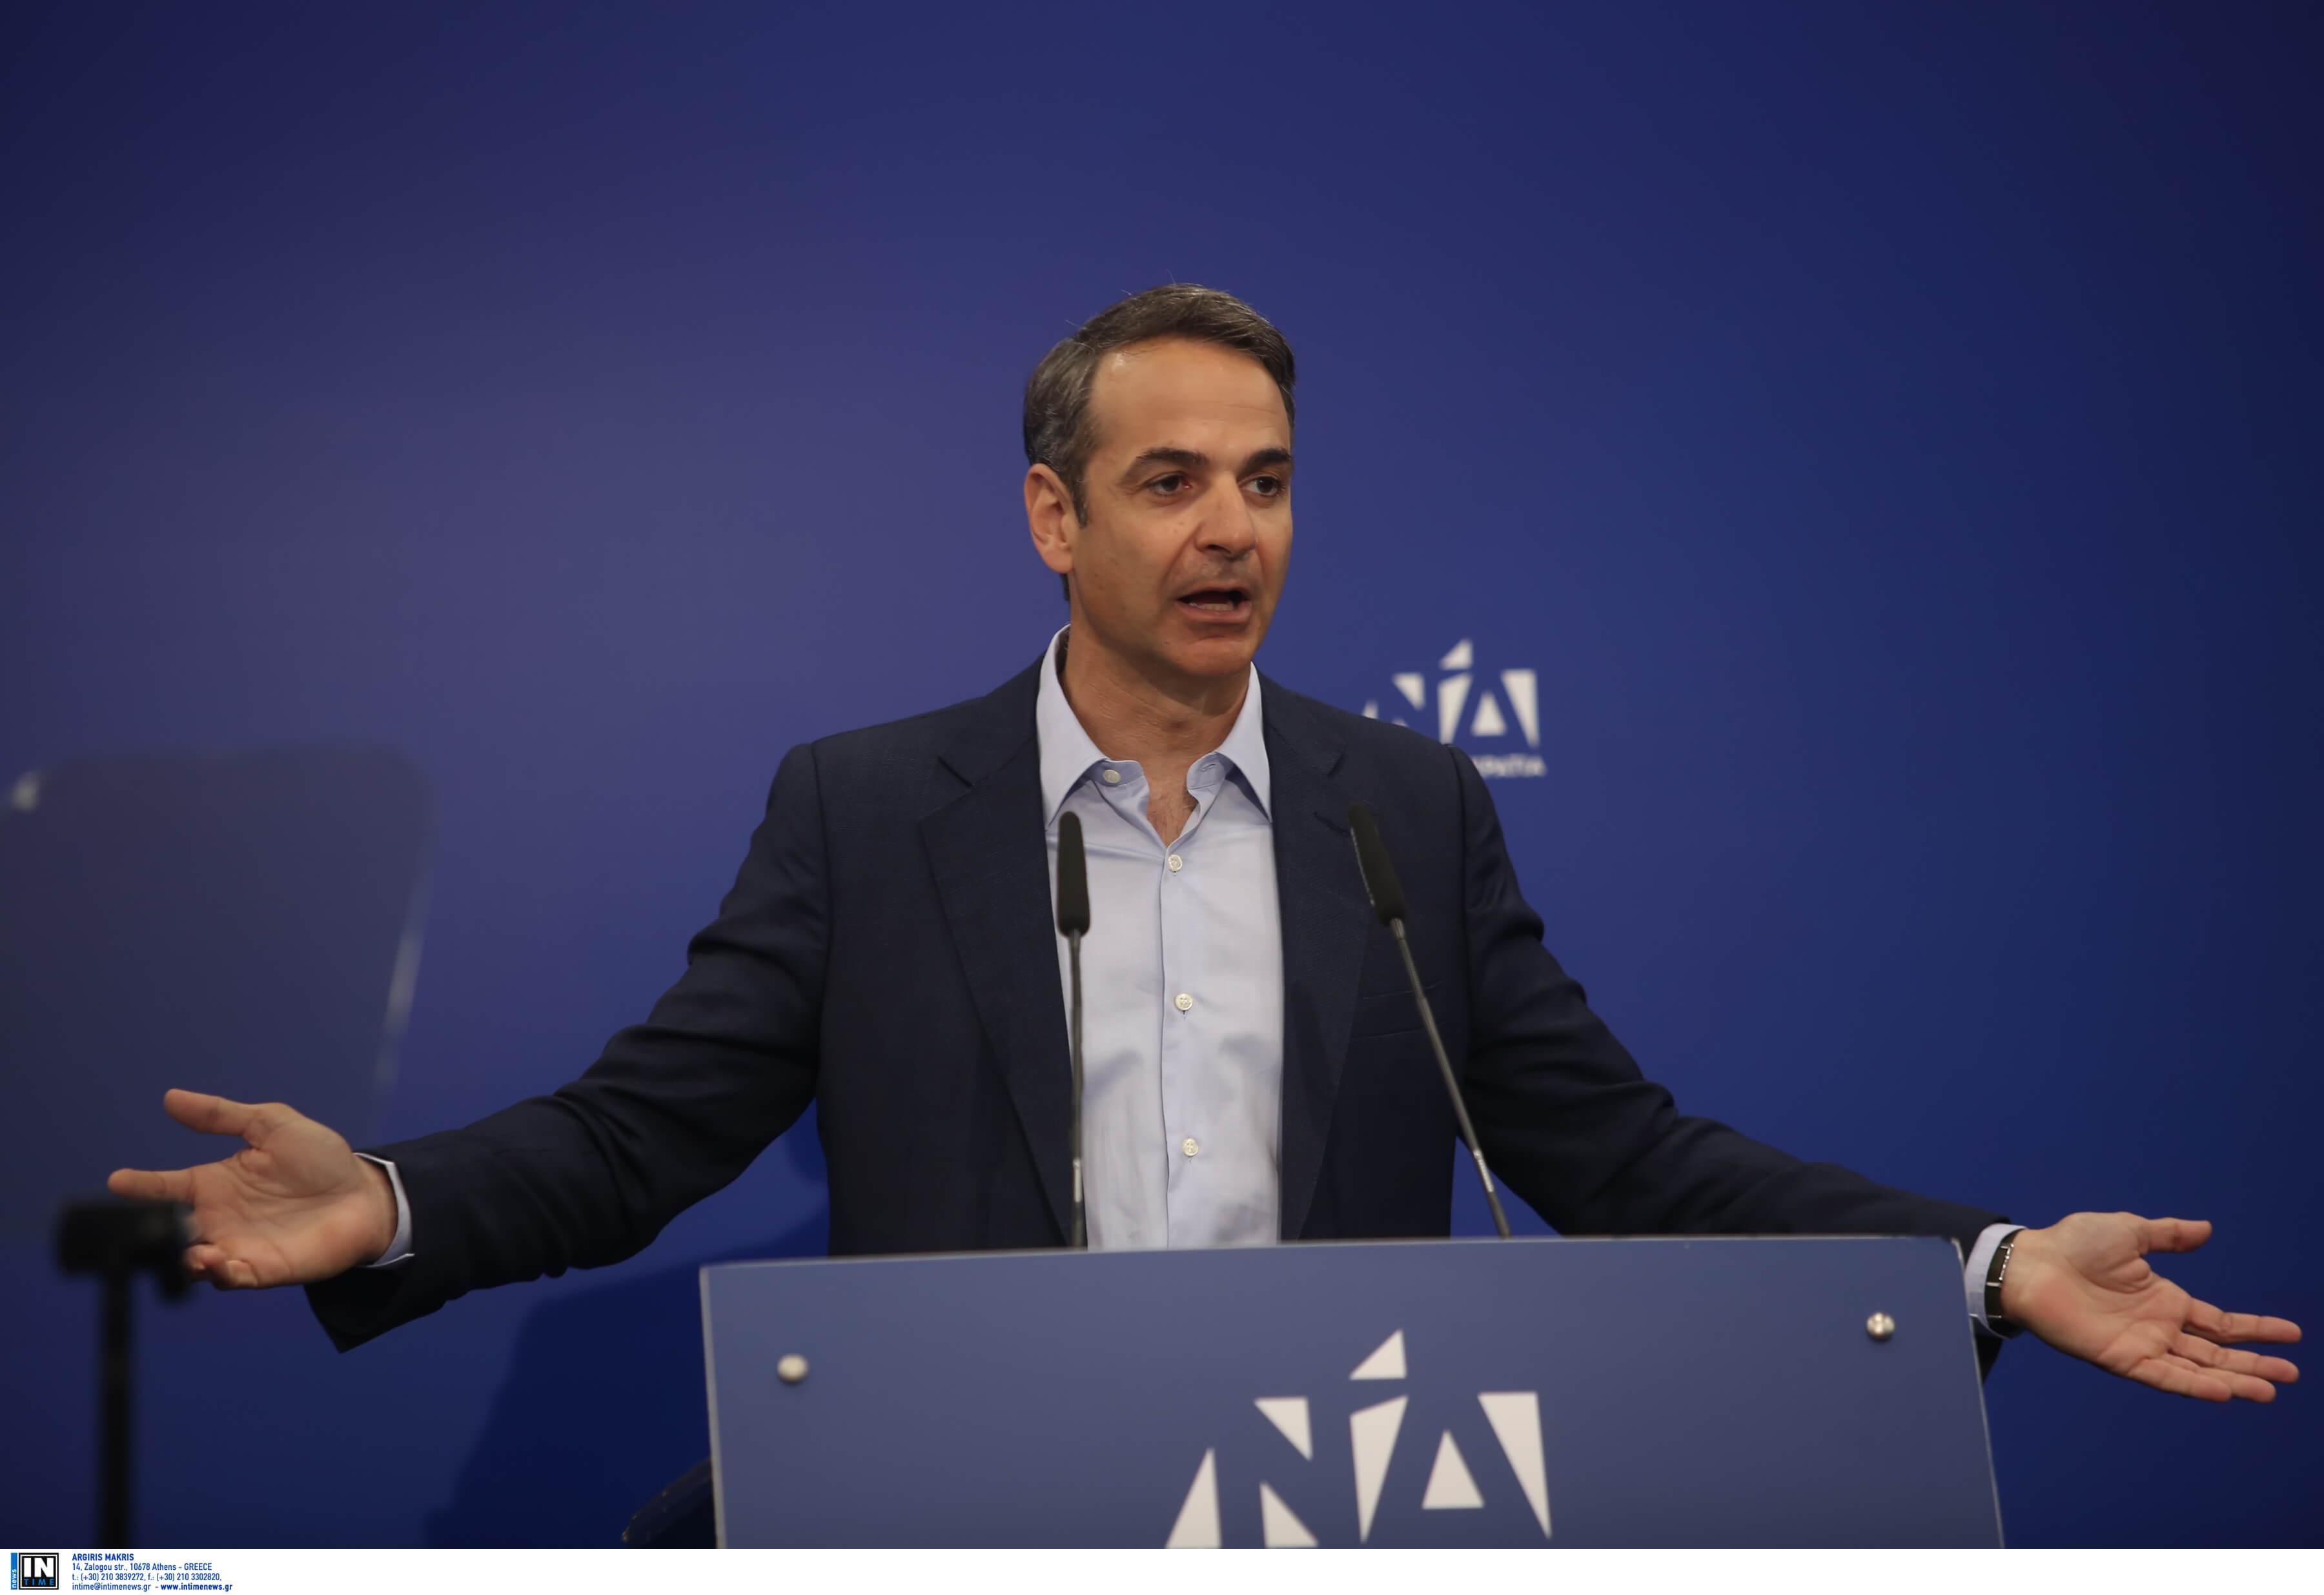 Είπε τη λέξη ΣΥΡΙΖΑ ο Μητσοτάκης και… έπεσε το ρεύμα – video